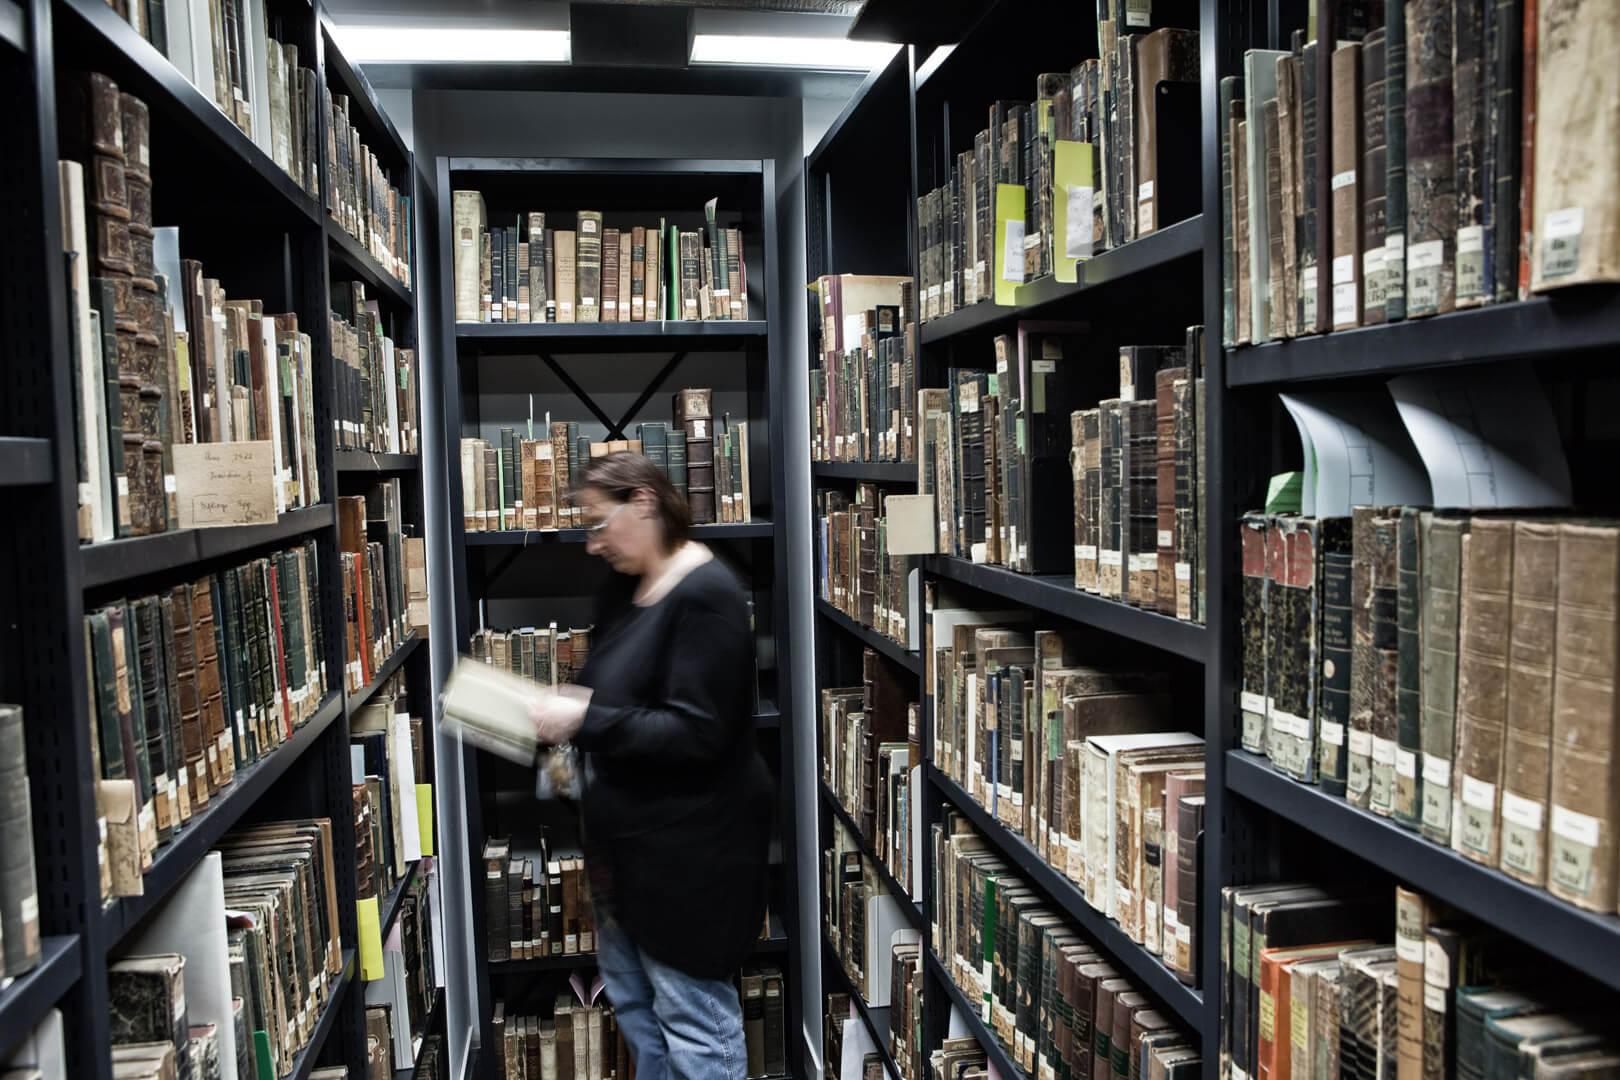 Privatbibliothek Grimm, Berlin